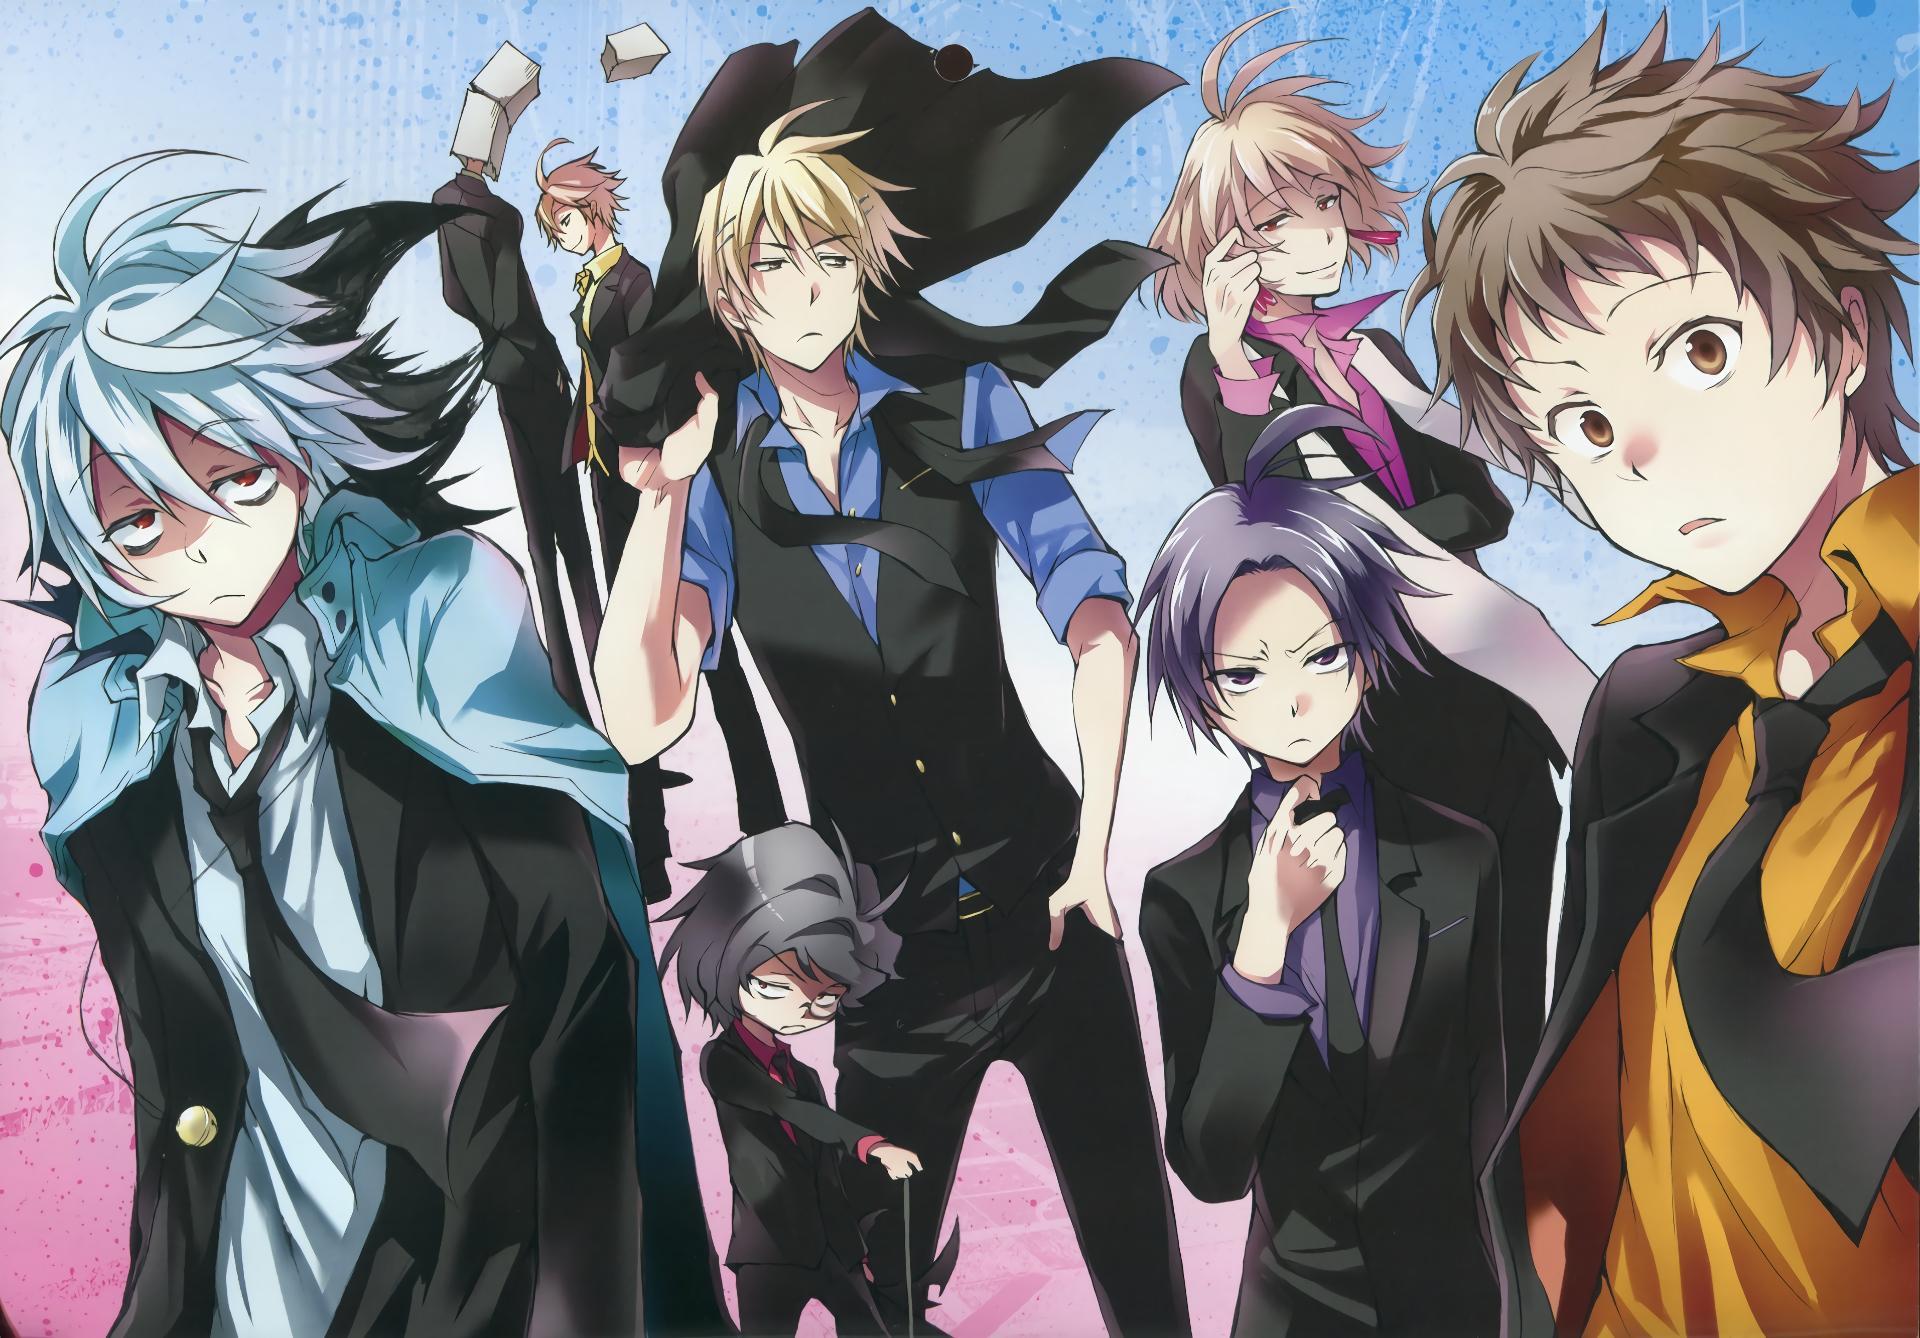 Servamp wallpaper hd download - Wallpaper anime hd untuk pc ...